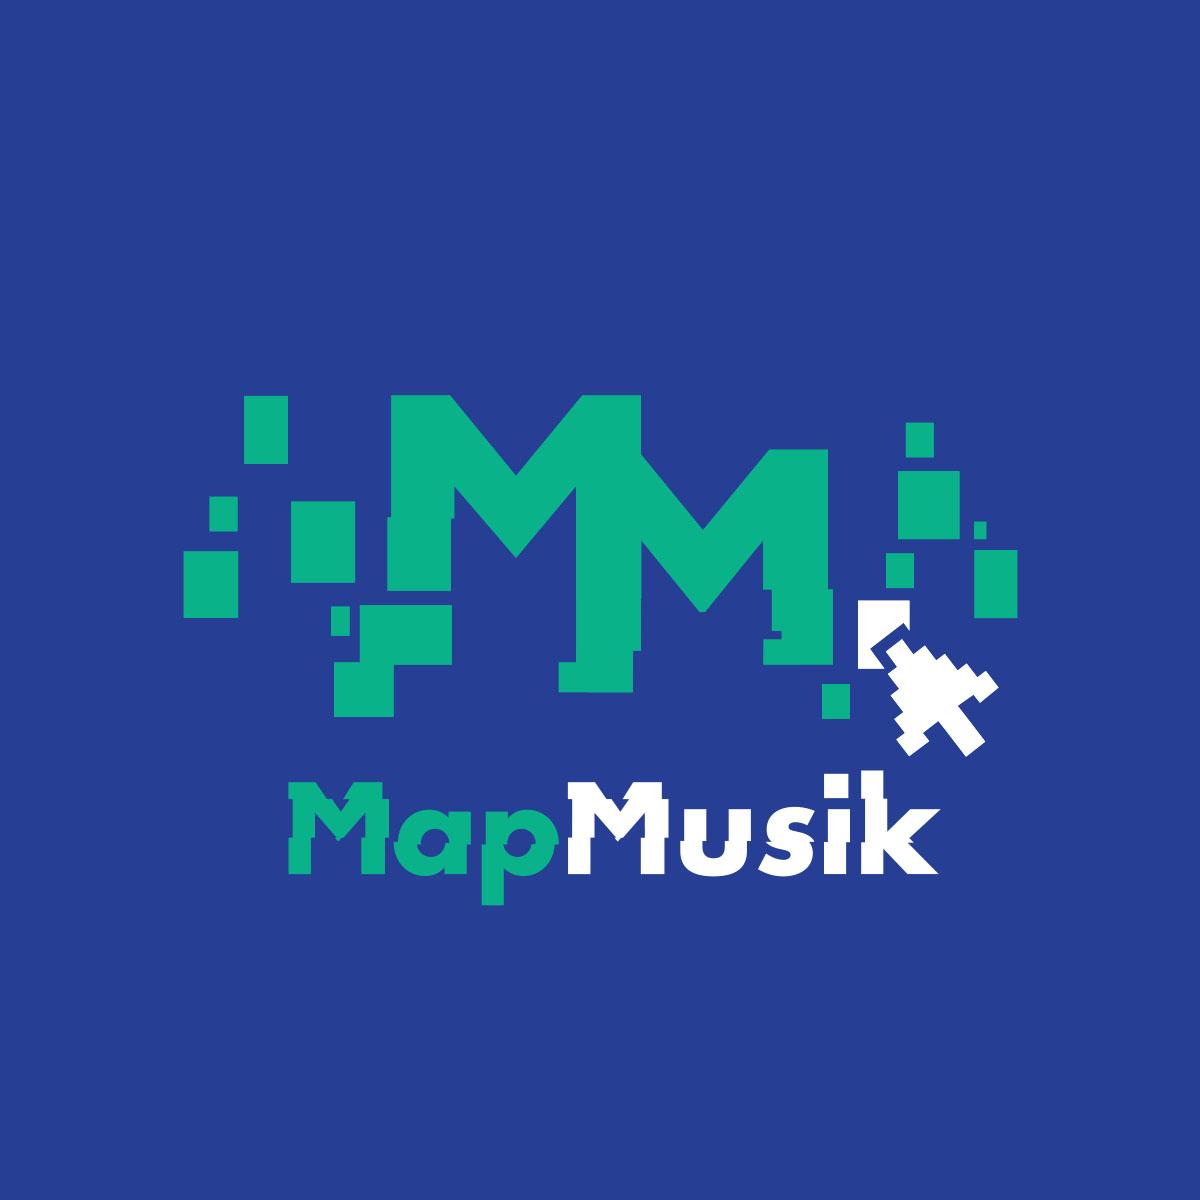 mapmusik